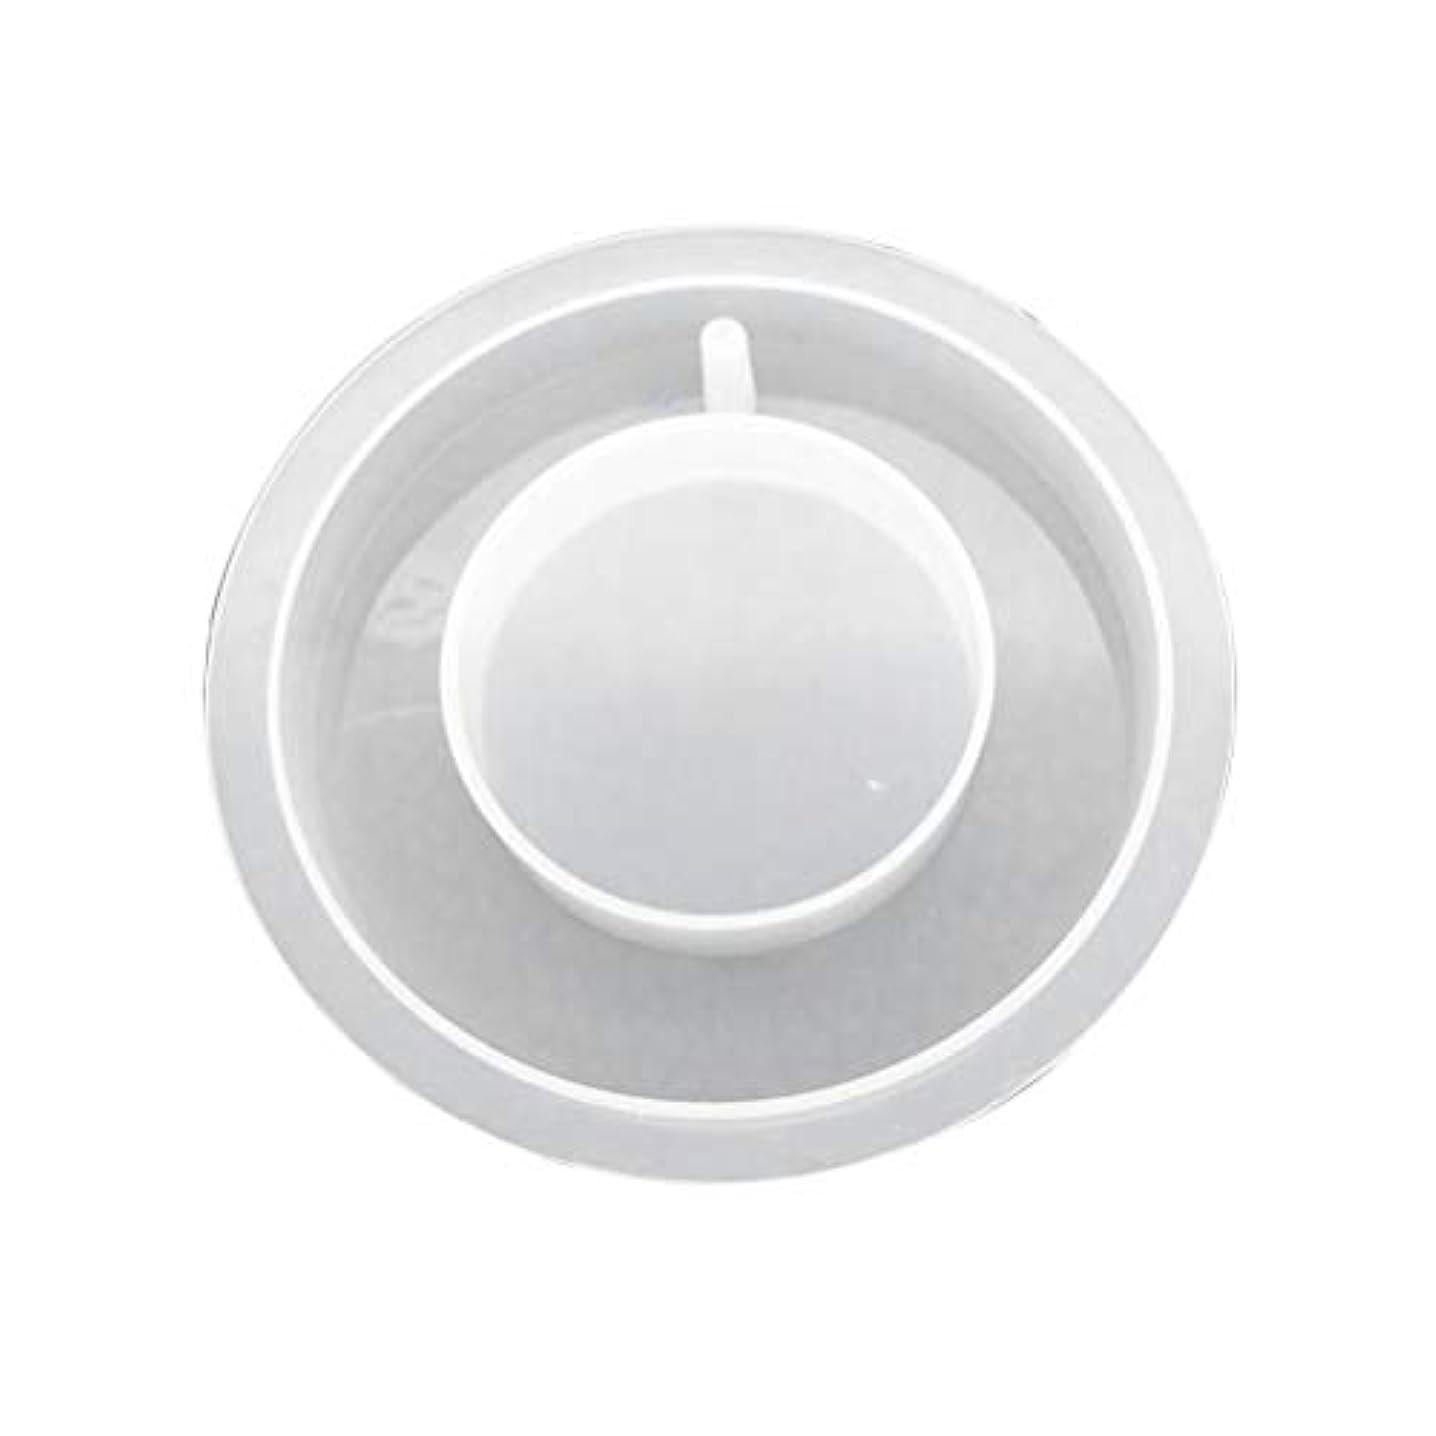 SUPVOX 樹脂シリコーンリング形状ペンダントクリスタルエポキシ金型でぶら下げ穴石鹸キャンドル用diyギフトジュエリーネックレスペンダント作り